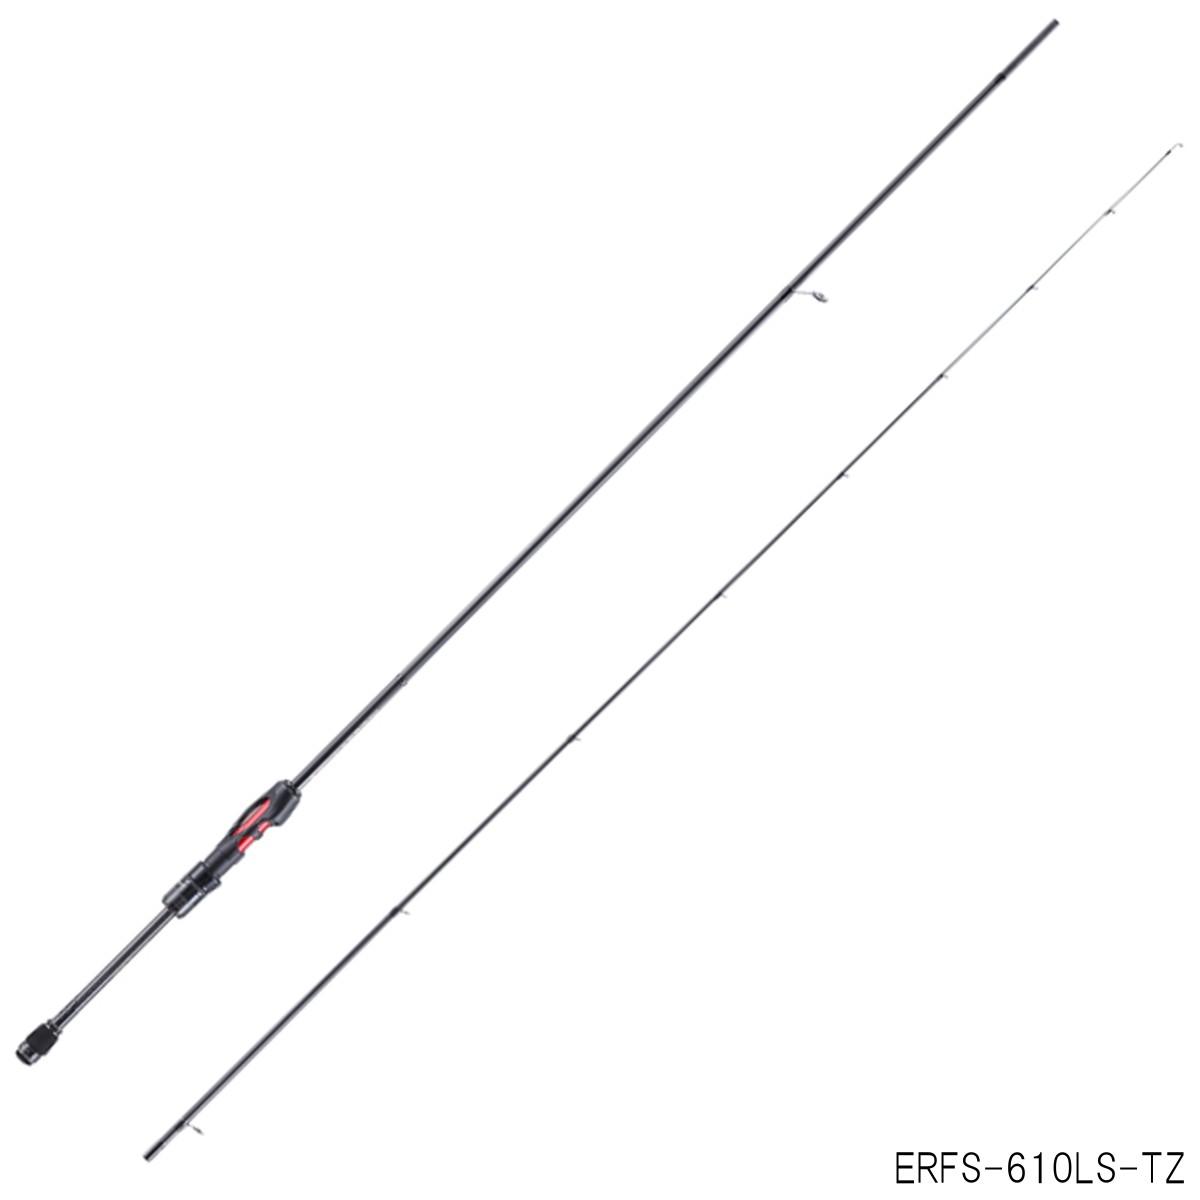 エラディケーター リアルフィネス ERFS-610LS-TZ【送料無料】